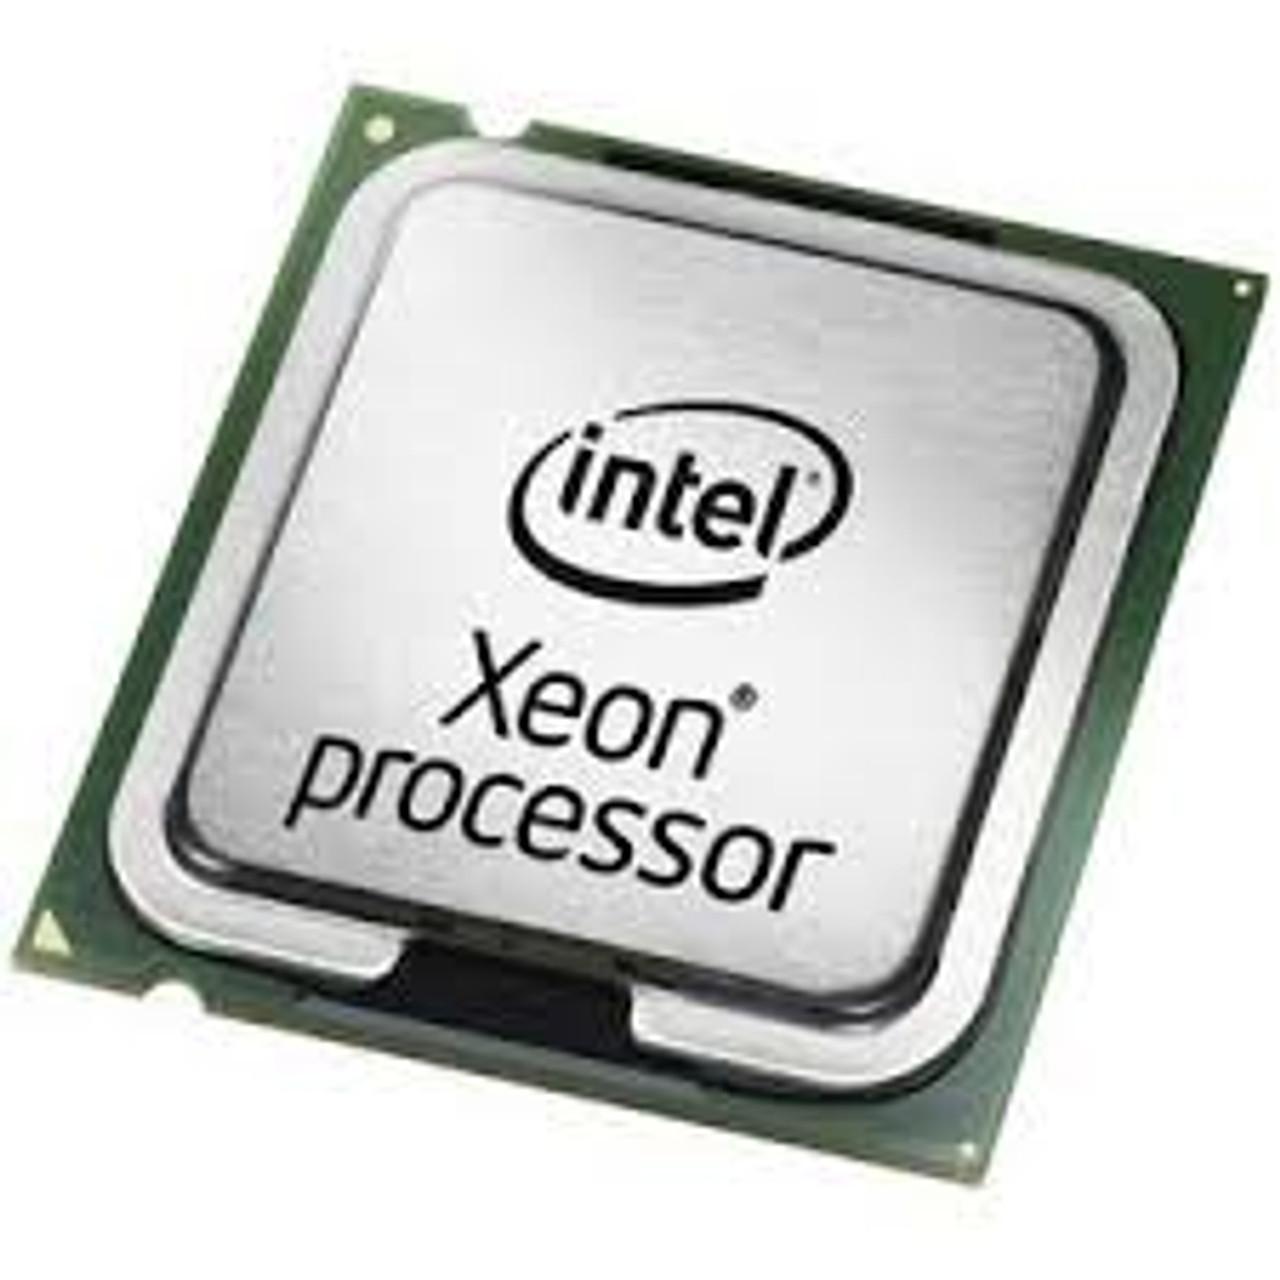 Intel Xeon E5-2430 V2 SR1AH 2.50GHz Server CPU Processor 6-Cores 15MB LGA1356